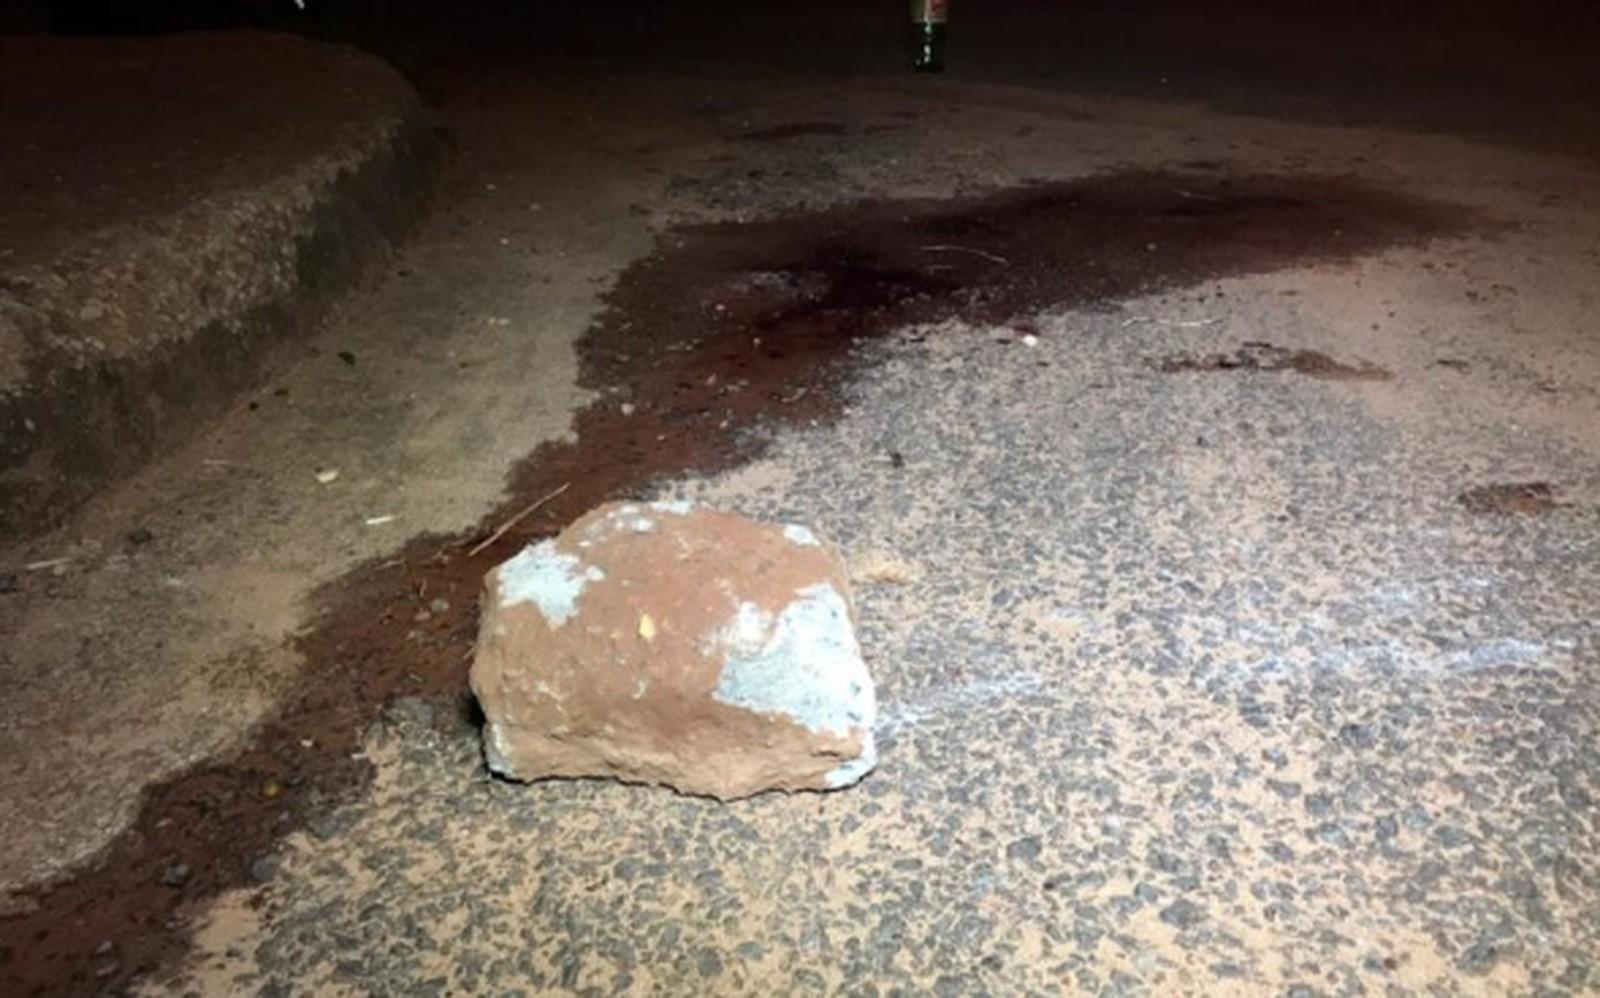 Homem leva pedrada na cabeça e sofre traumatismo craniano após testemunhar assalto em Araguaína